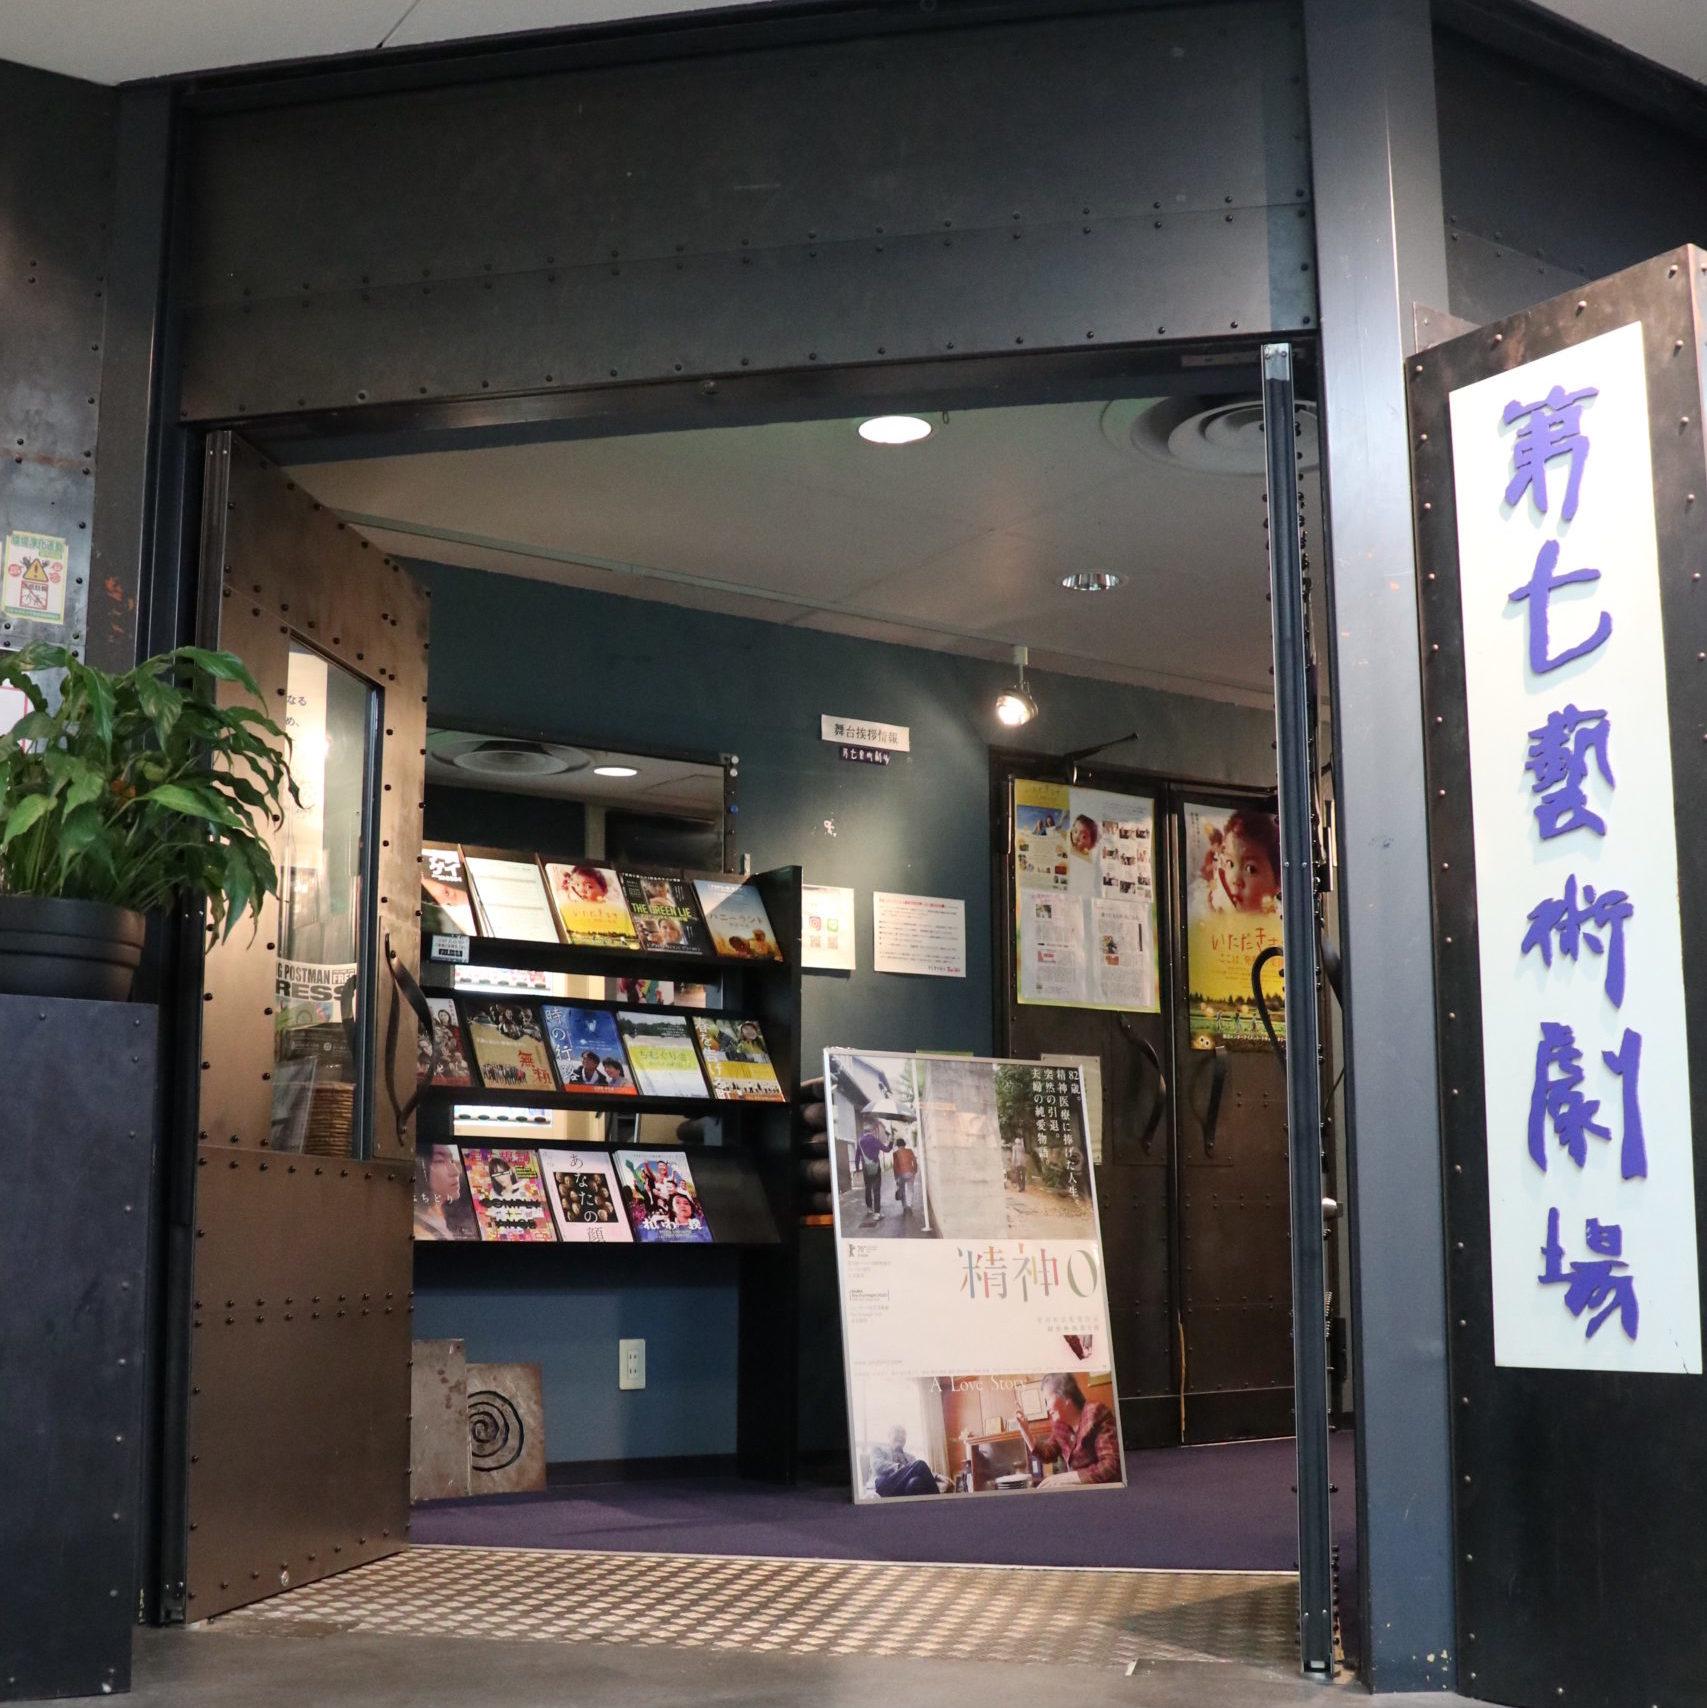 第七藝術劇場(大阪府)